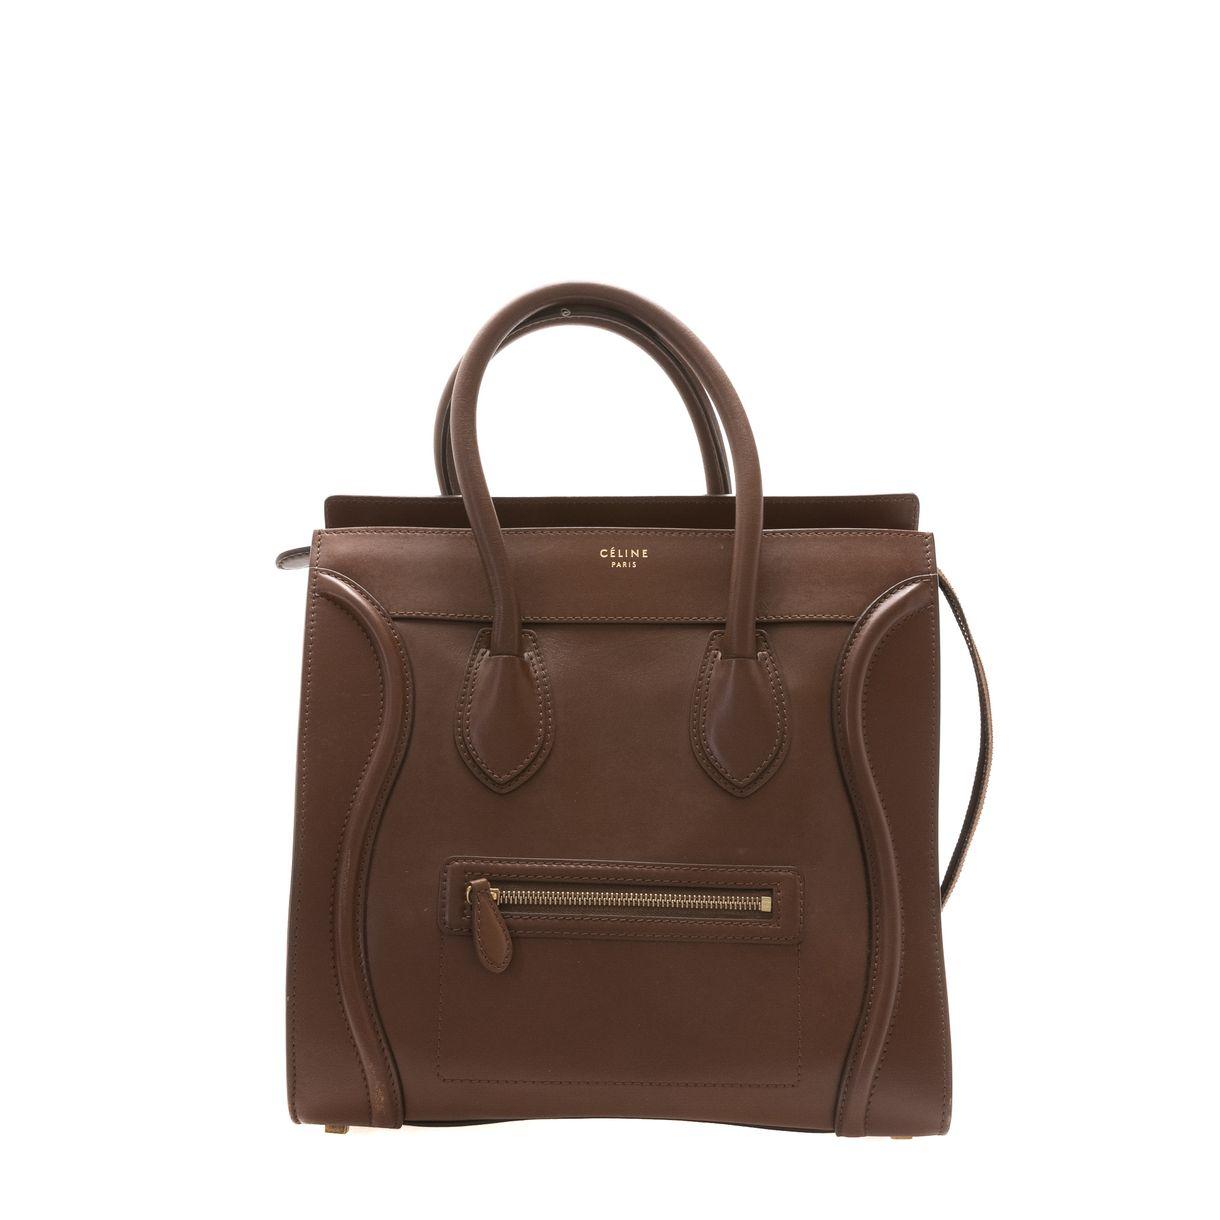 Bolsa-Celine-Luggage-Tote-Marrom